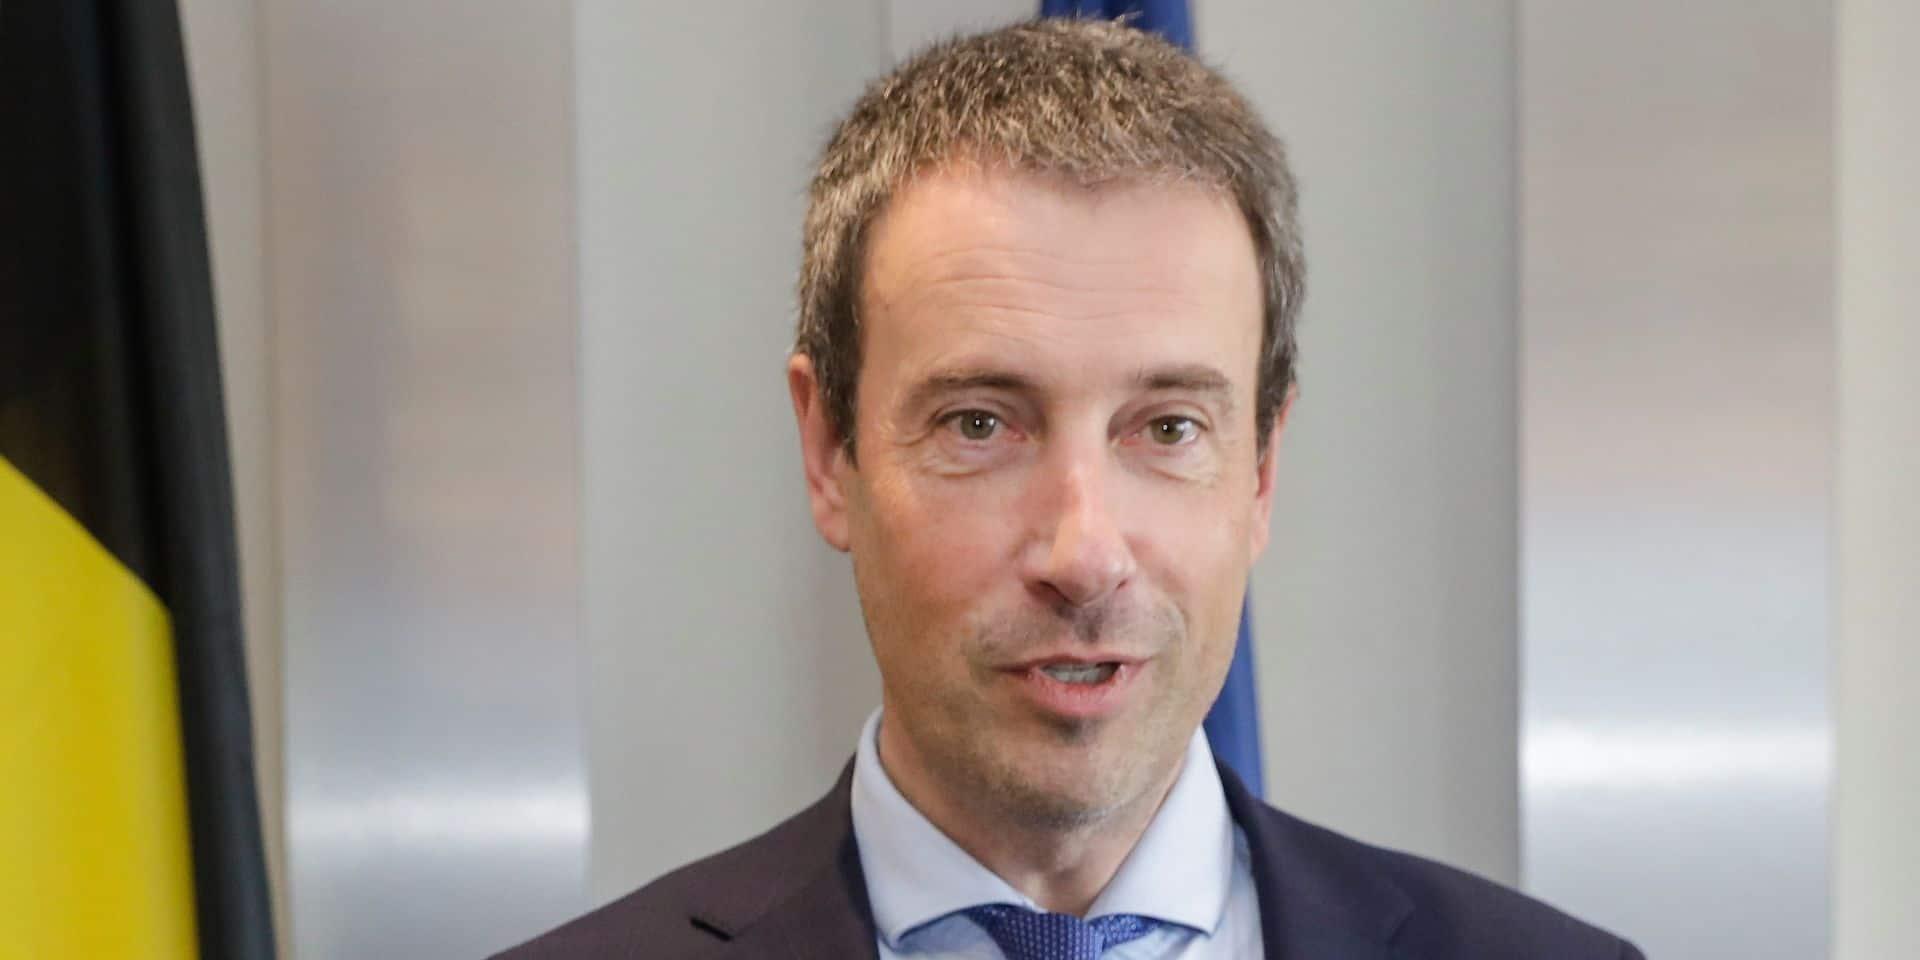 """Philippe Goffin, inquiet face au conflit au Moyen-Orient: """"Il y a une situation de danger réelle, le retour de la diplomatie est indispensable"""""""